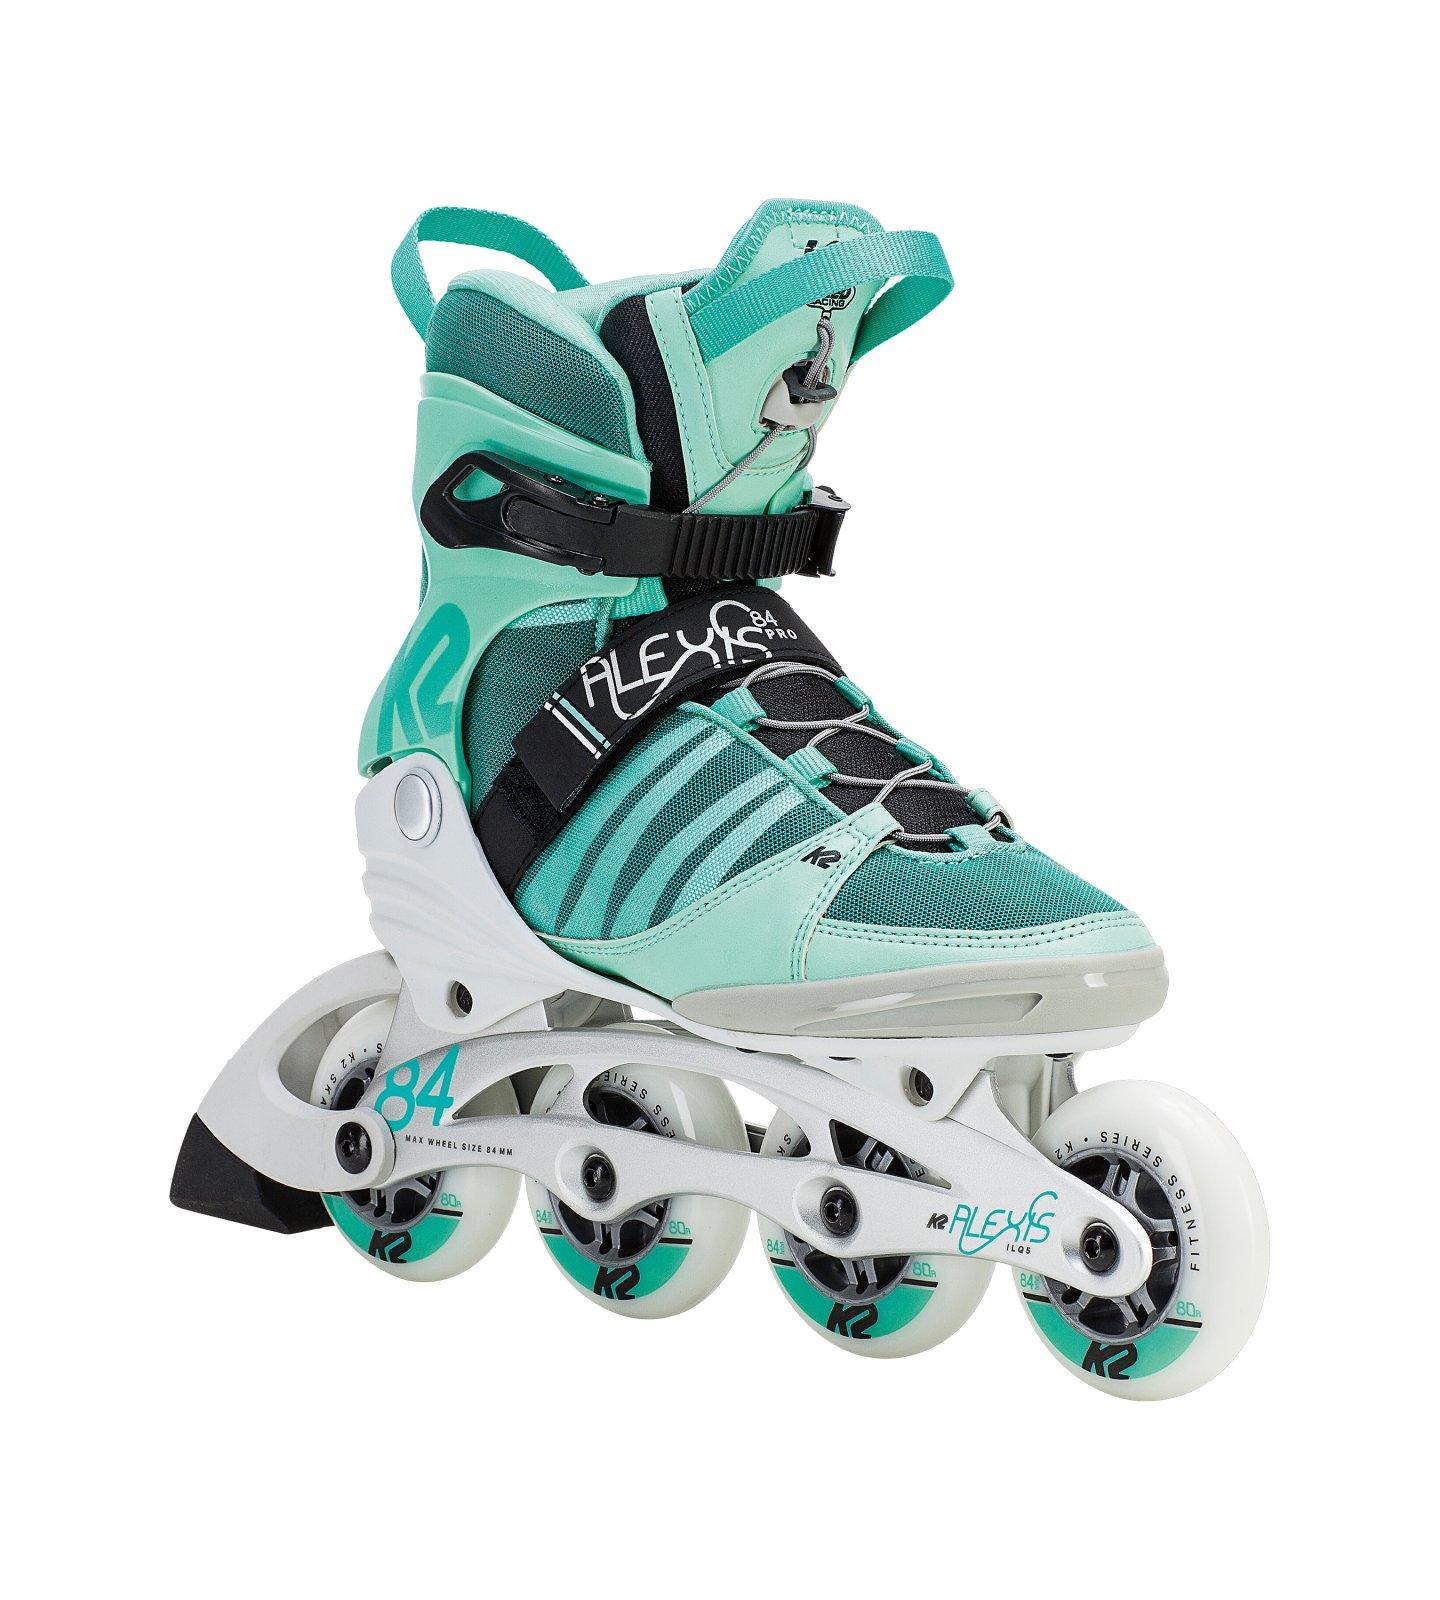 2019 K2 Alexis 84 Pro Women's Inline Skates